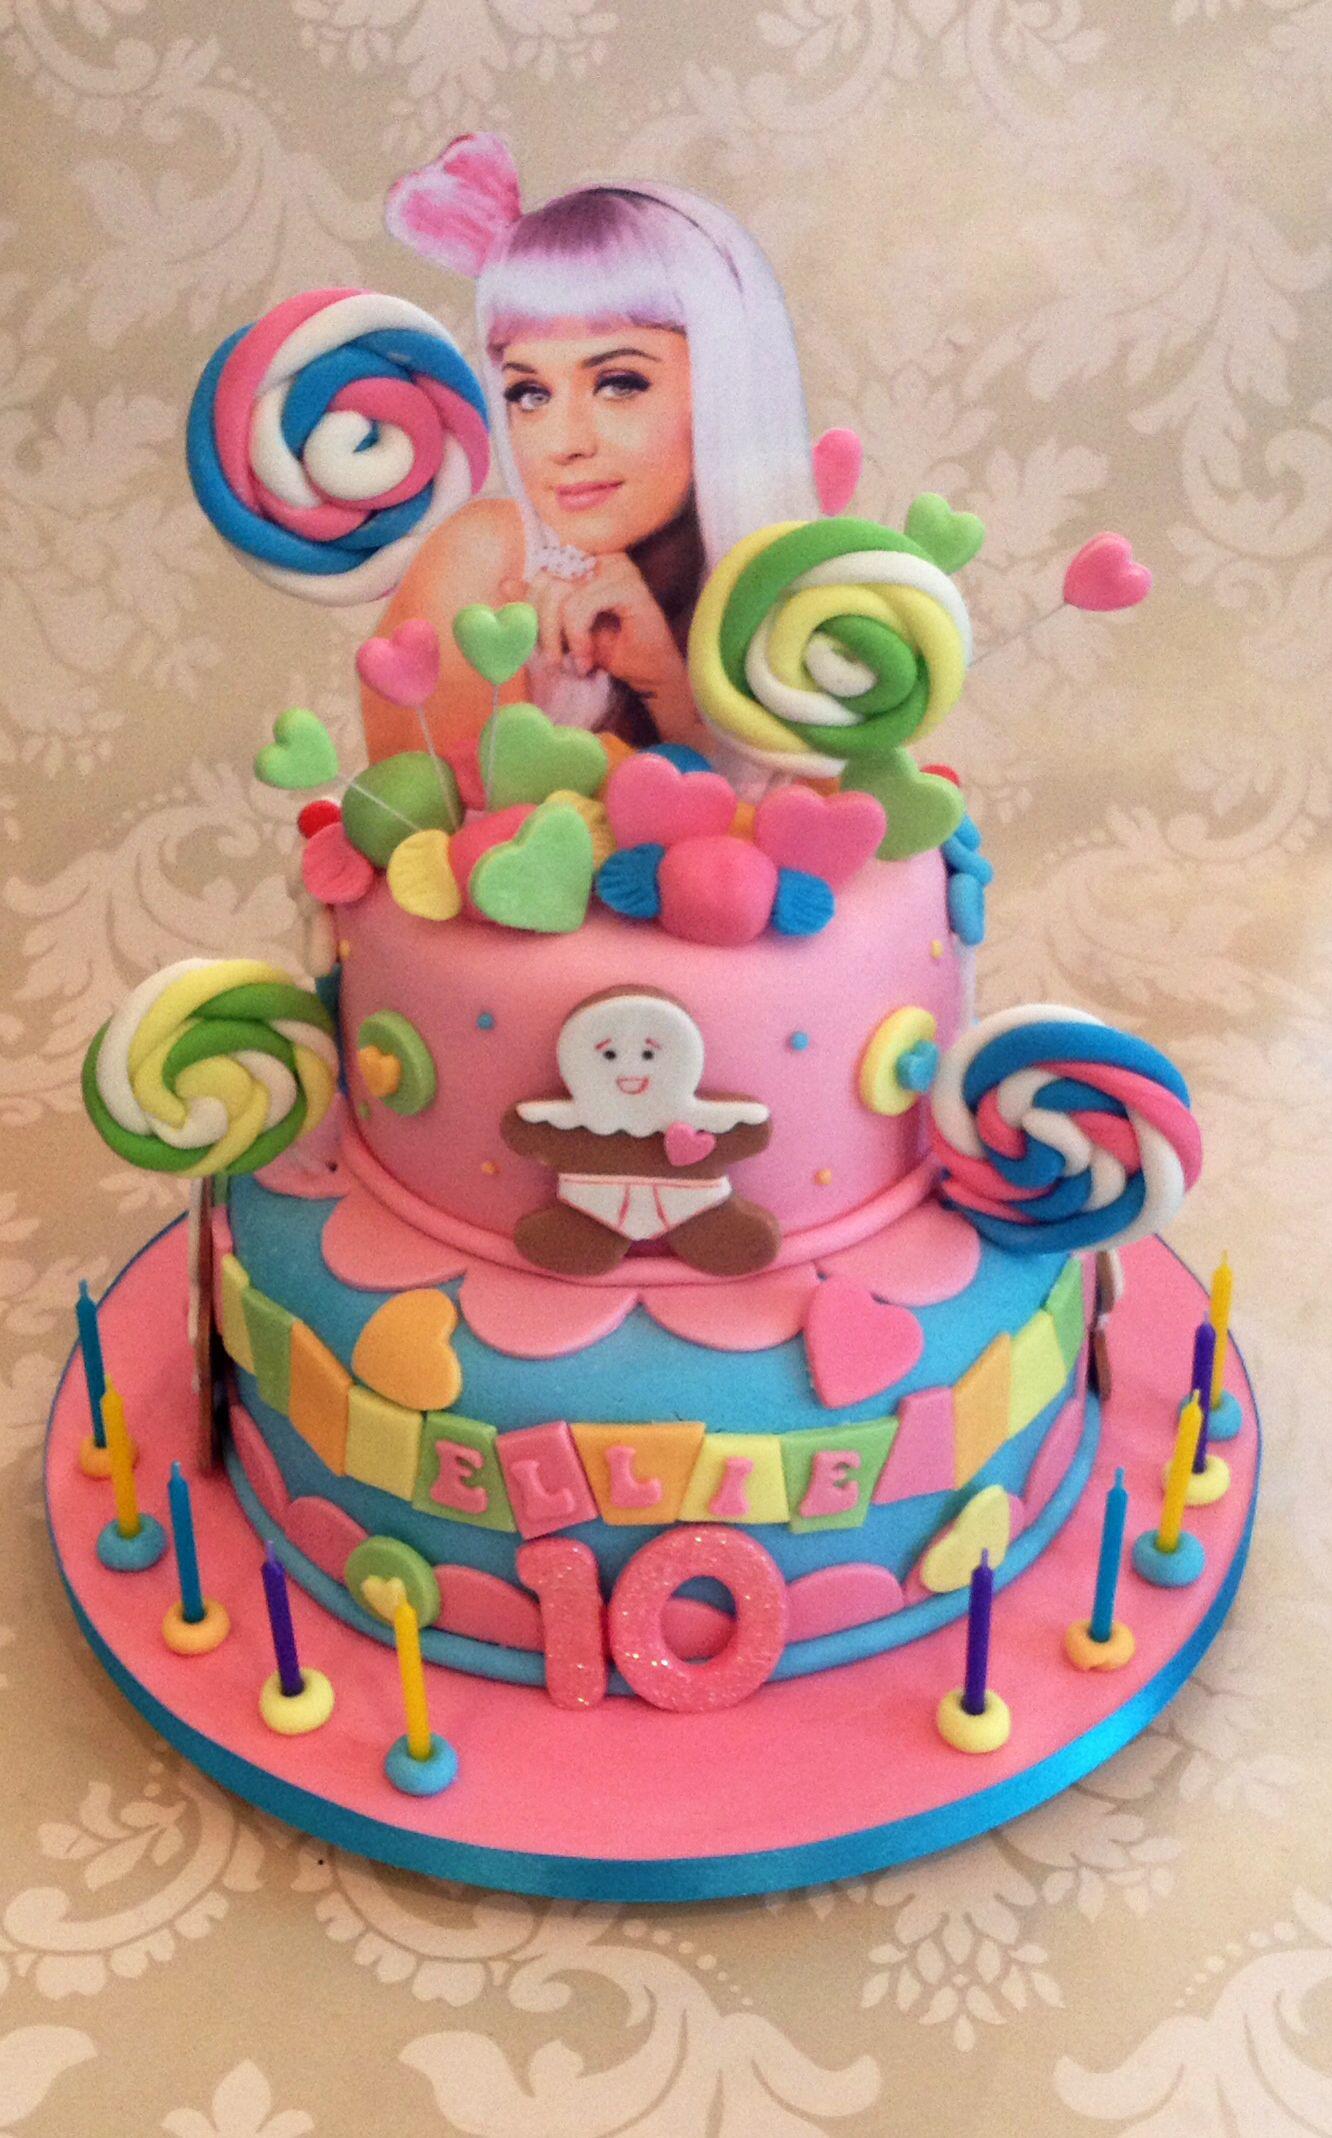 Phenomenal Katy Perry Cake With Images Katy Perry Birthday Birthday Funny Birthday Cards Online Inifofree Goldxyz